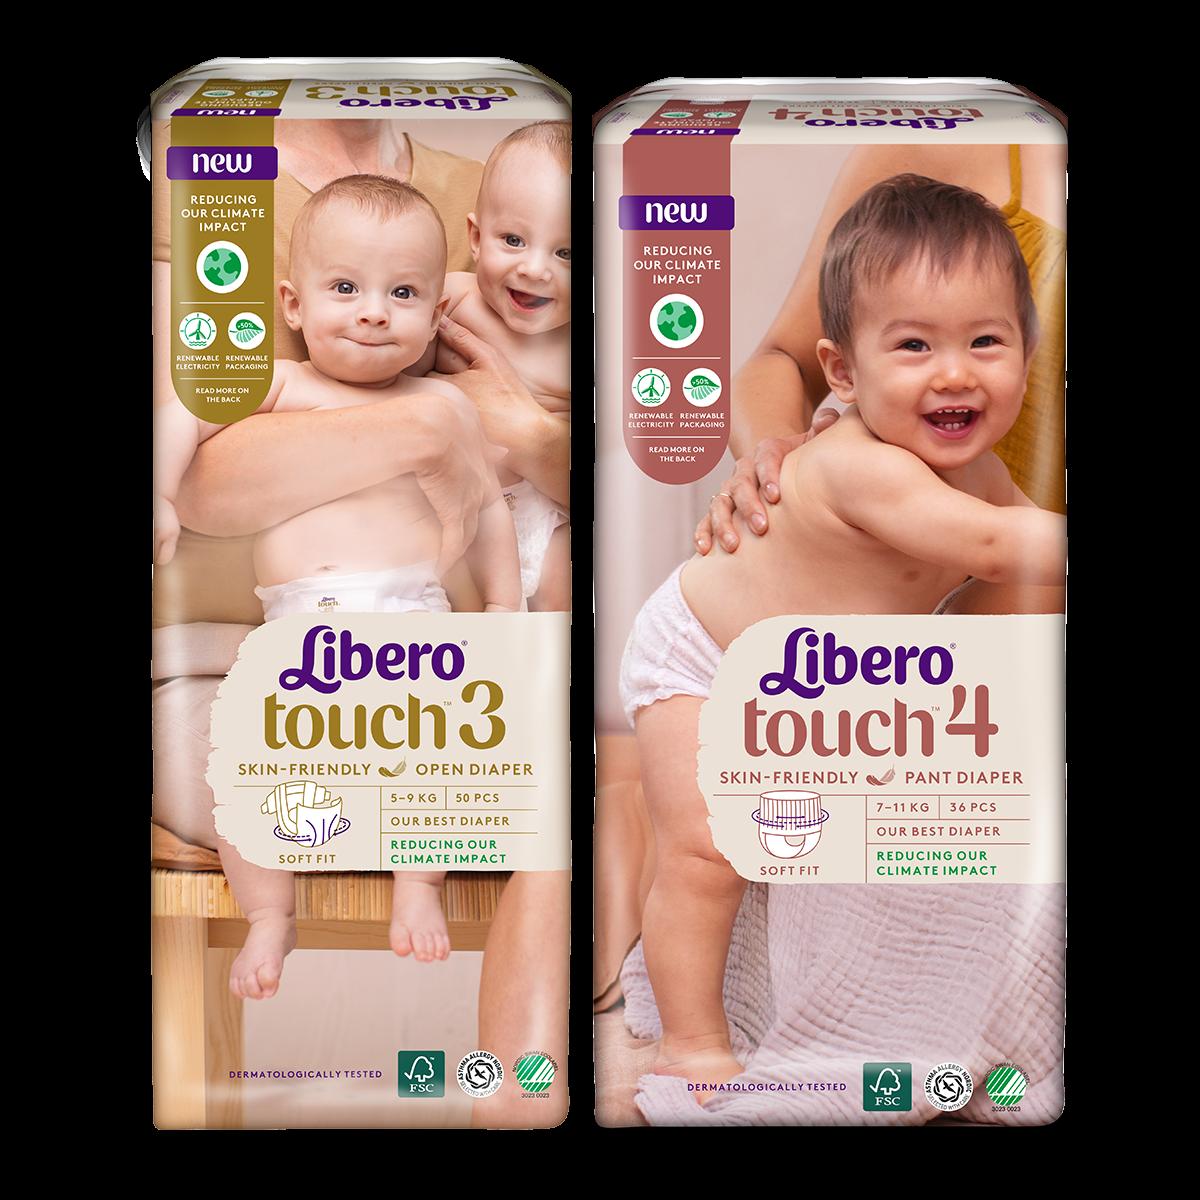 kedvezmény Libero Touch pelenkacsomagokra